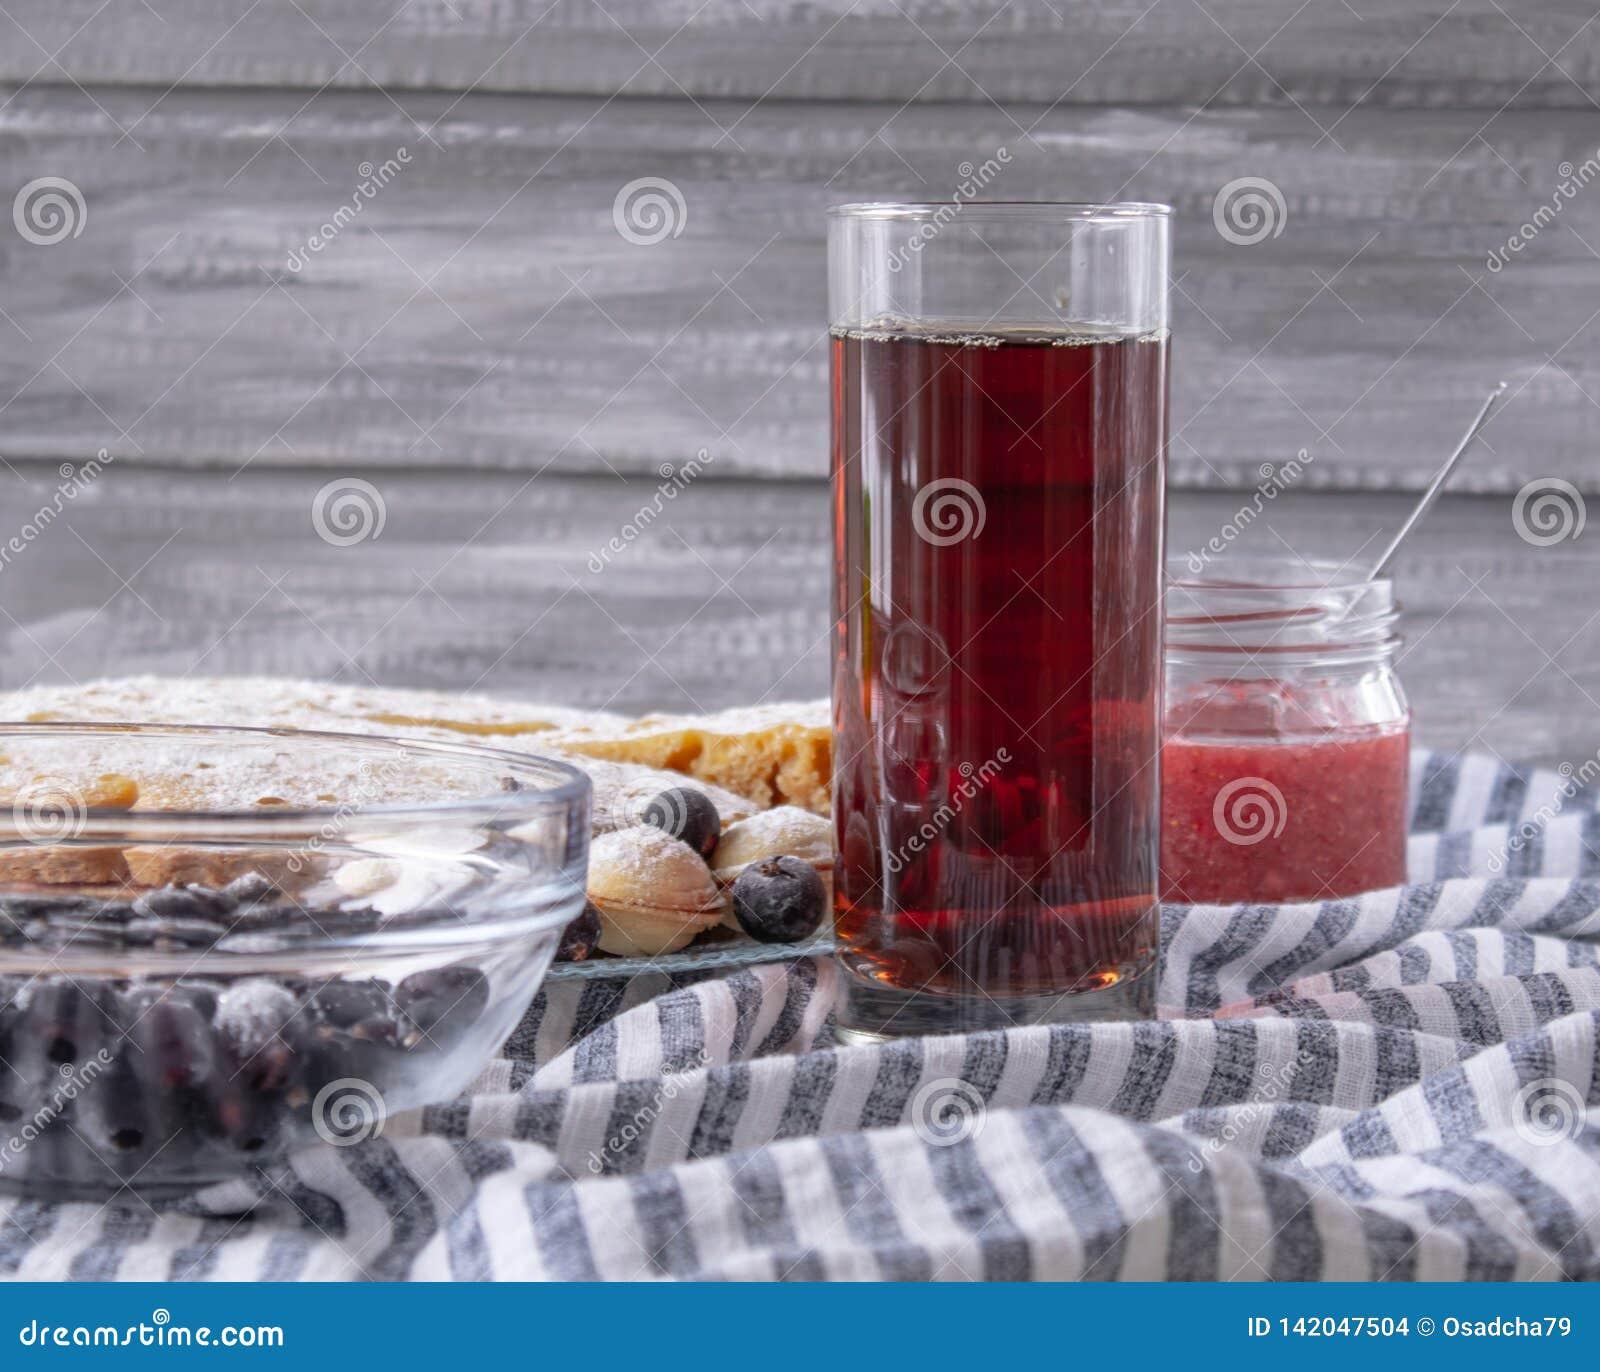 Rood sap in een glas naast een kom van koekjes en een kruik jam, op een grijze achtergrond